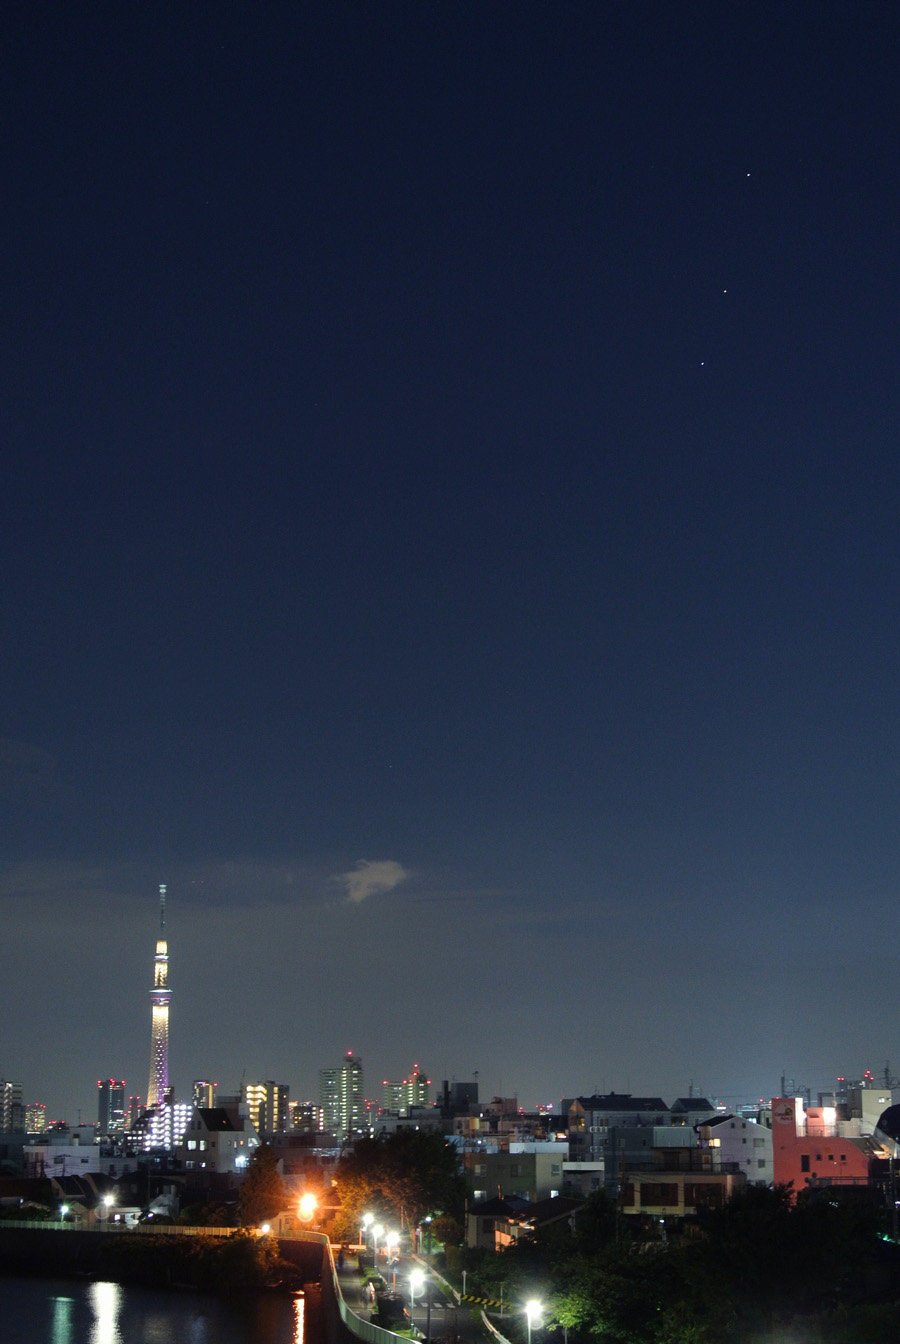 並んだ土星・火星・スピカ、そして東京スカイツリー_e0089232_2011632.jpg